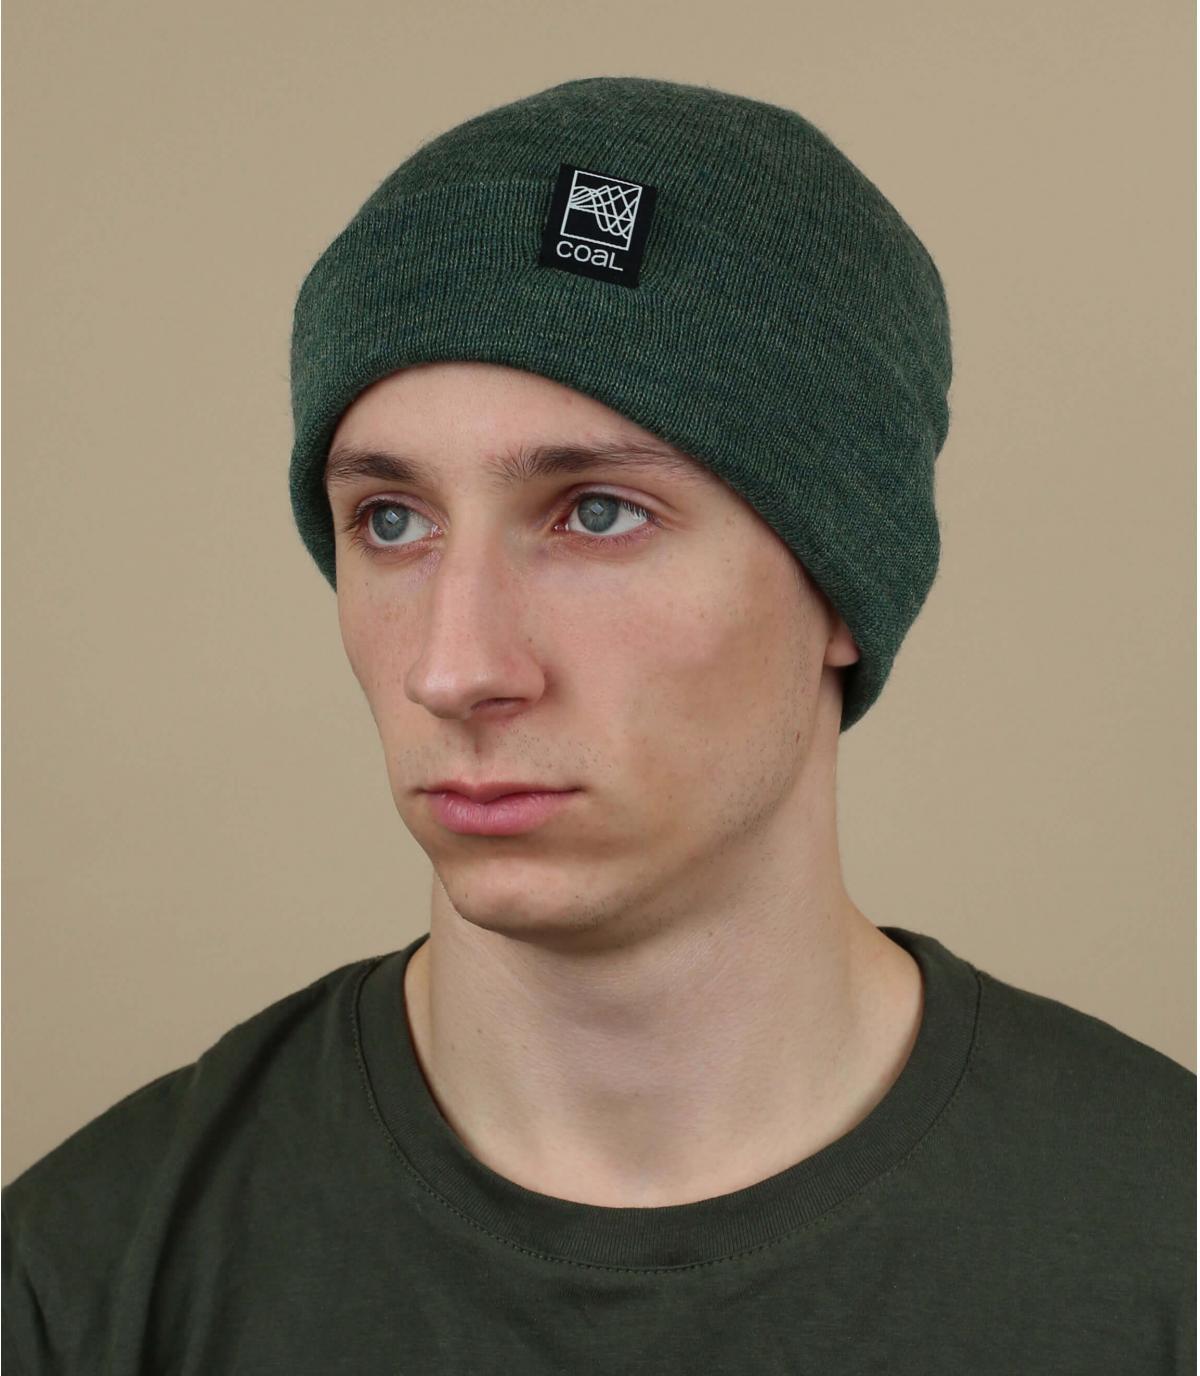 bonnet revers vert Coal laine